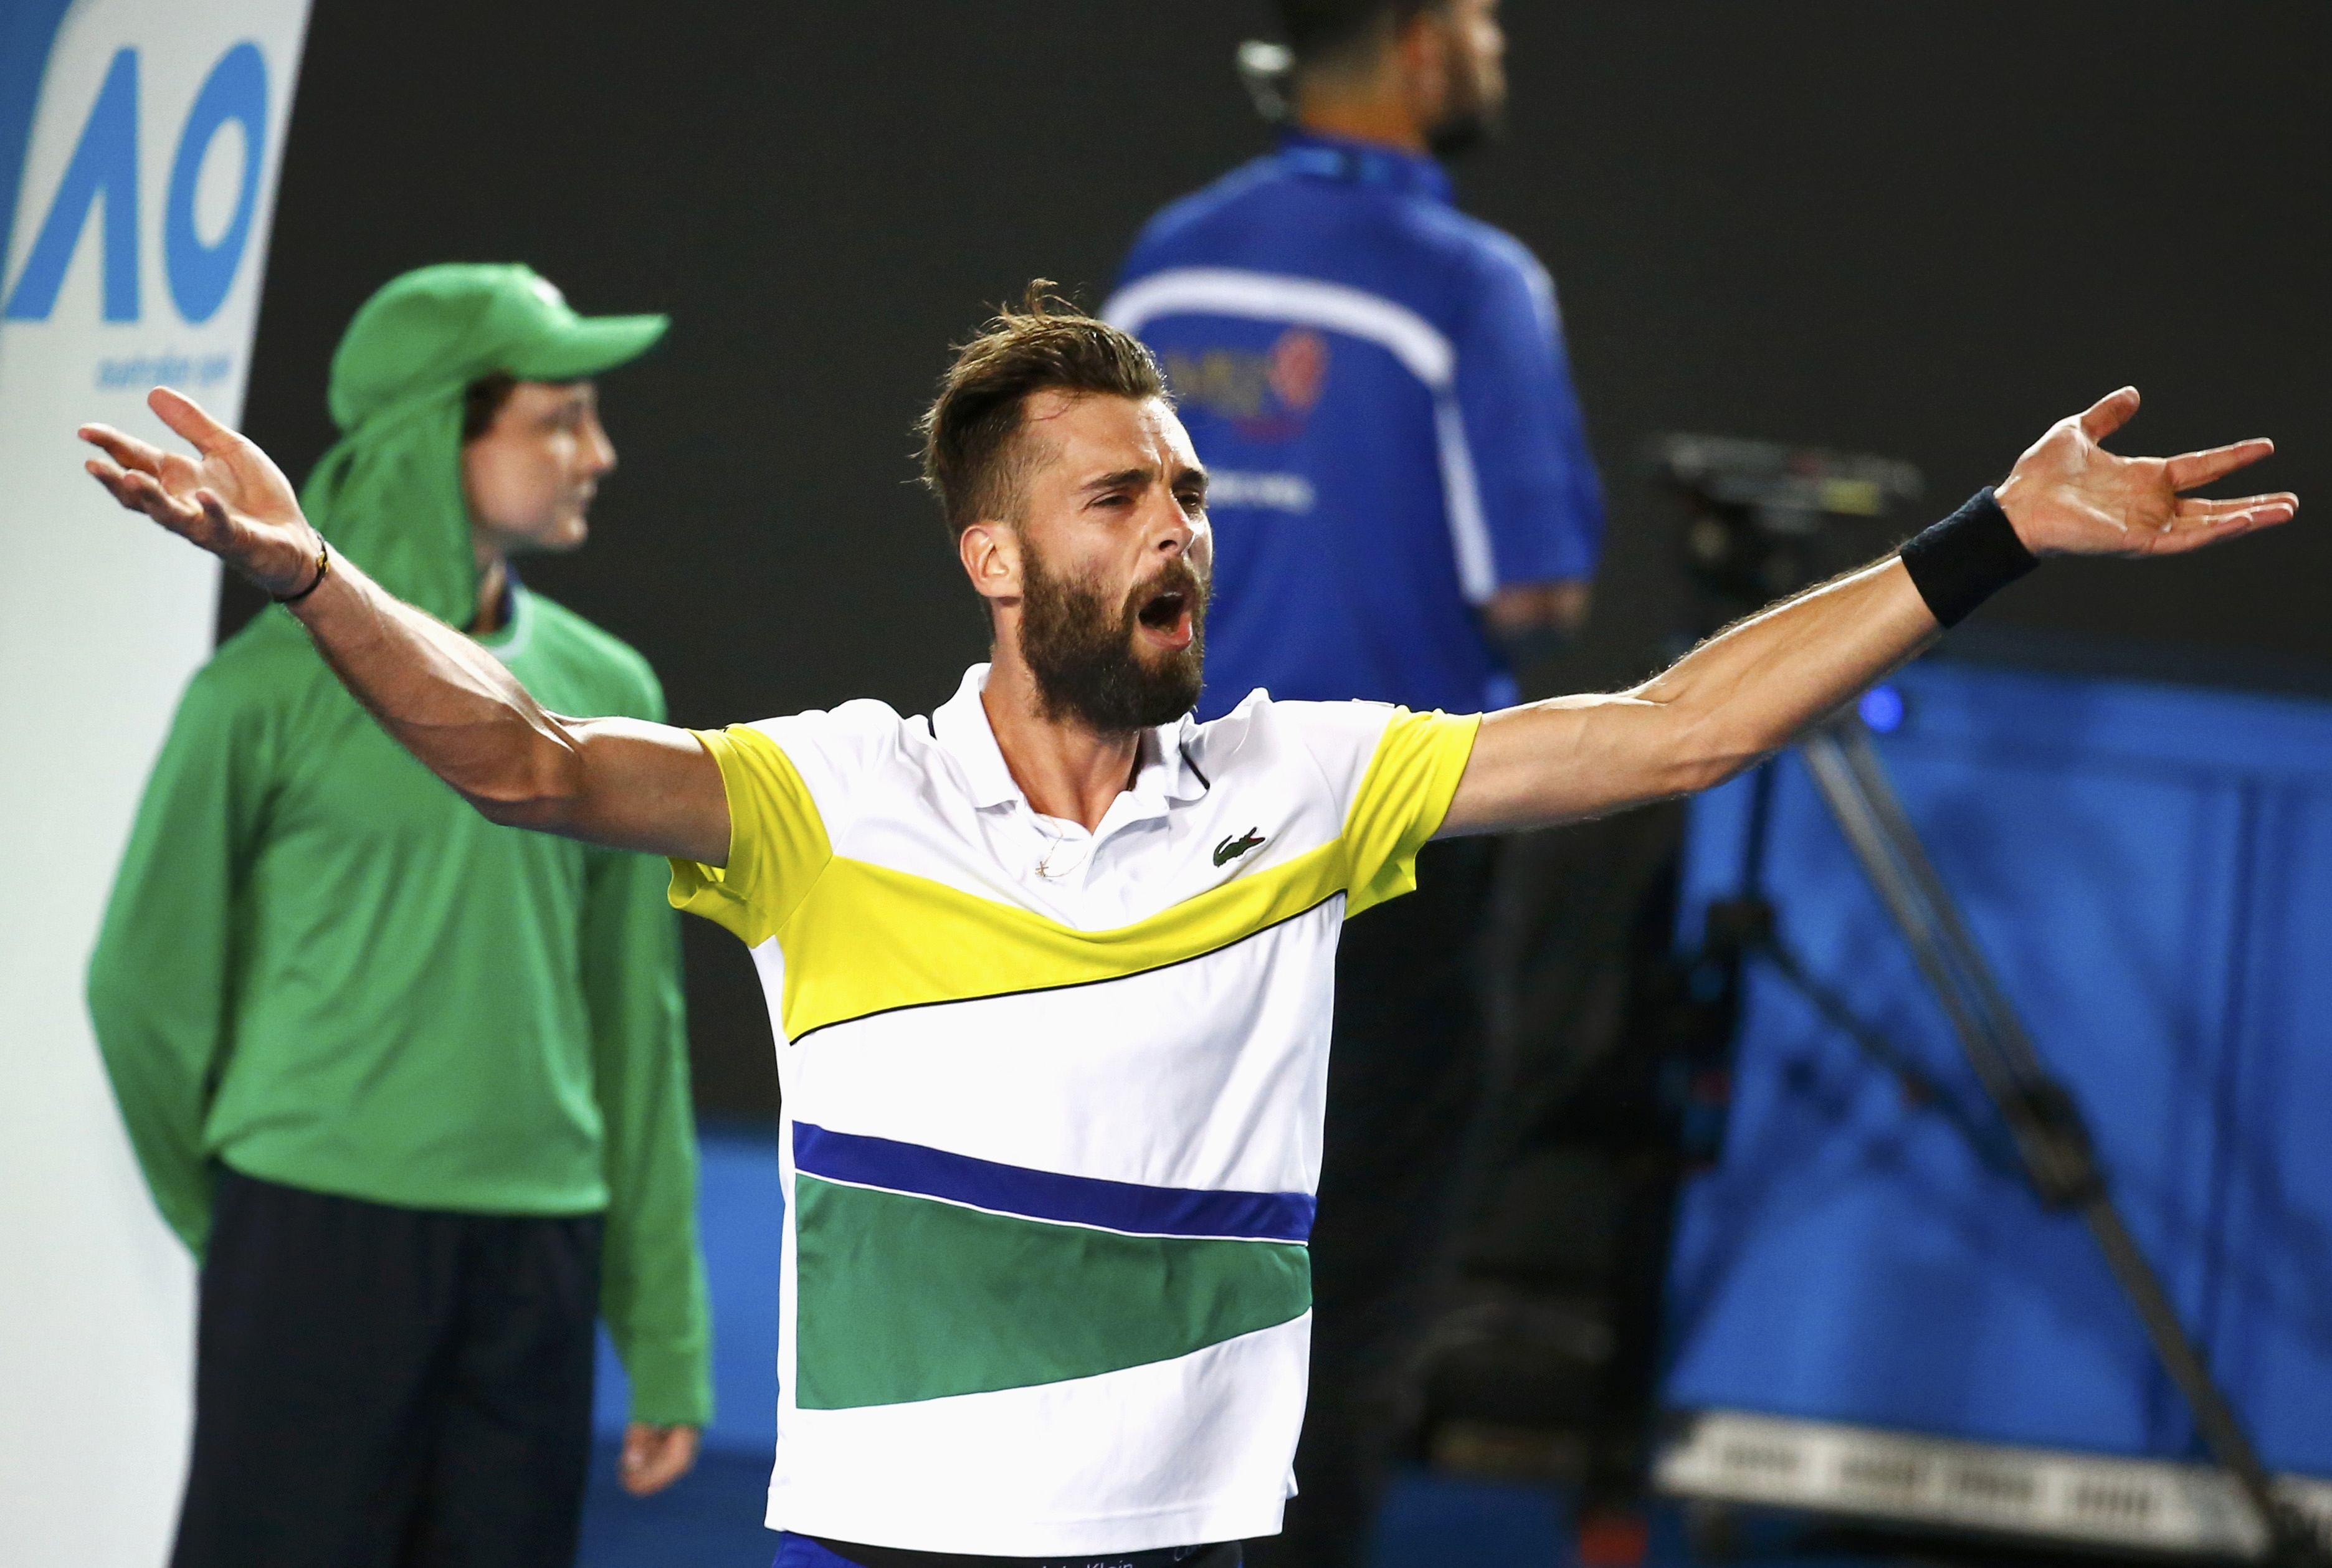 Tennis - Open Australie - Paire, une perf' sans l'écume des mauvais coups